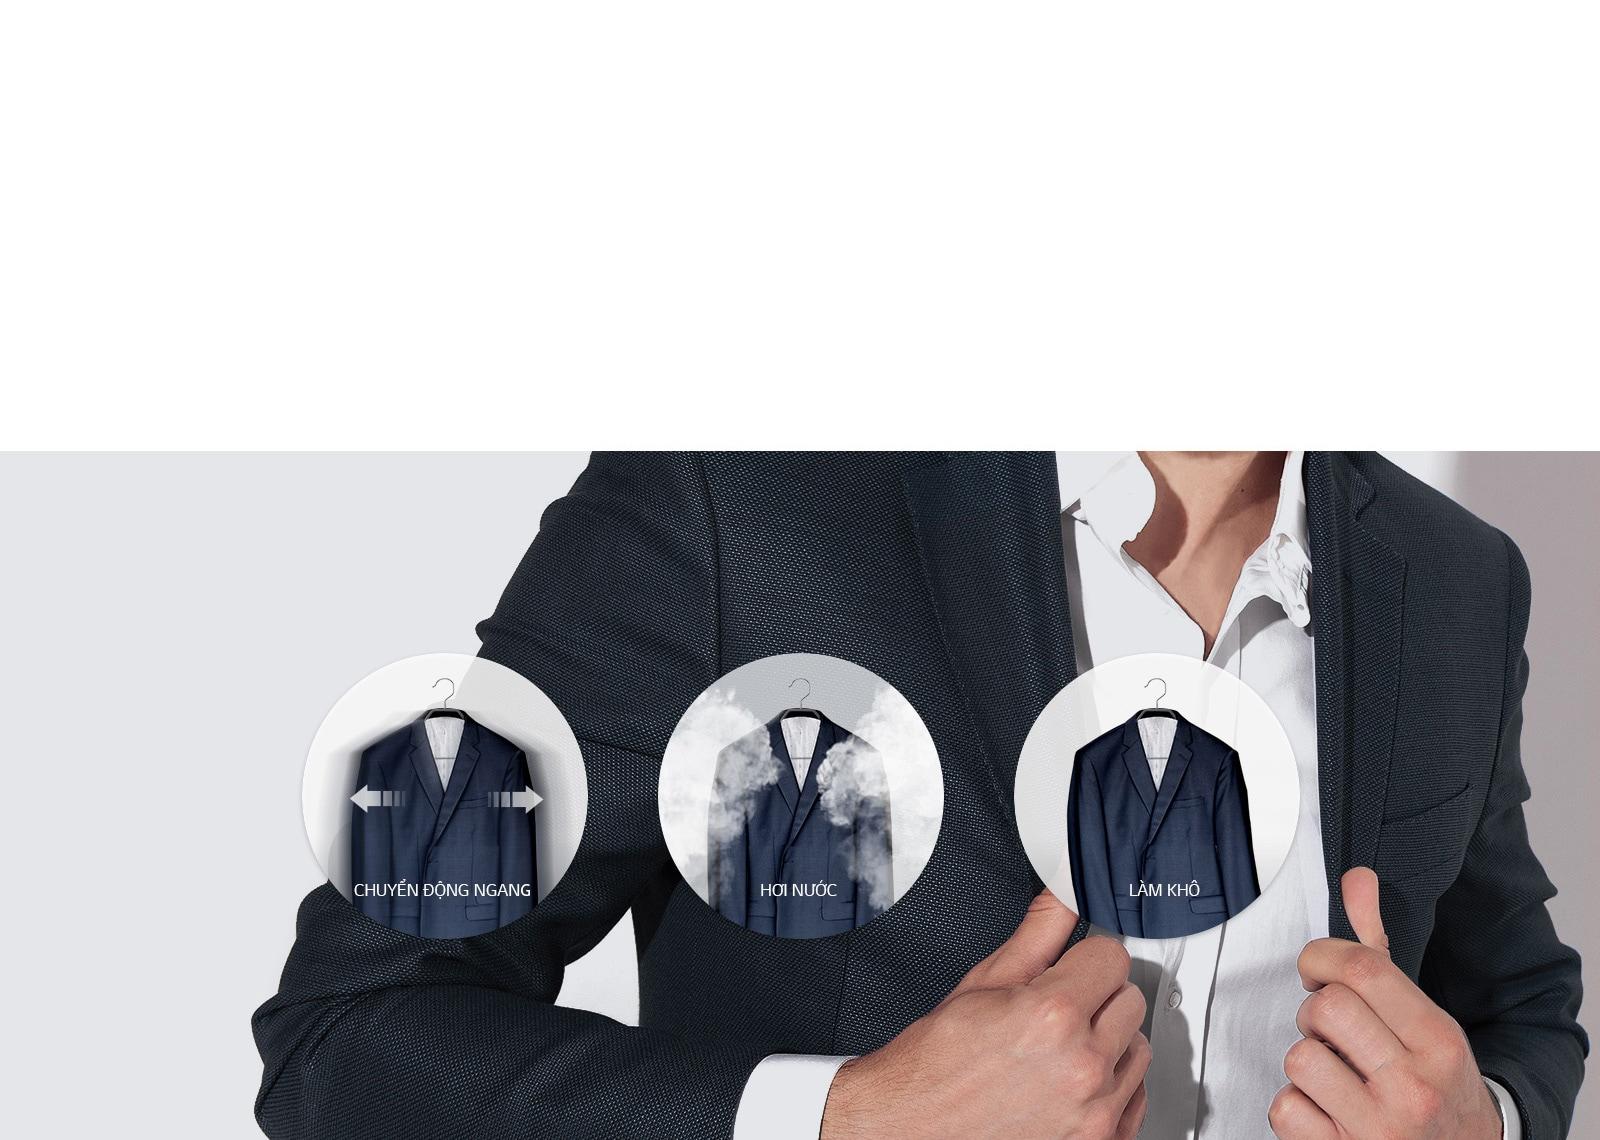 Chăm sóc quần áo bằng hơi nước TrueSteam™